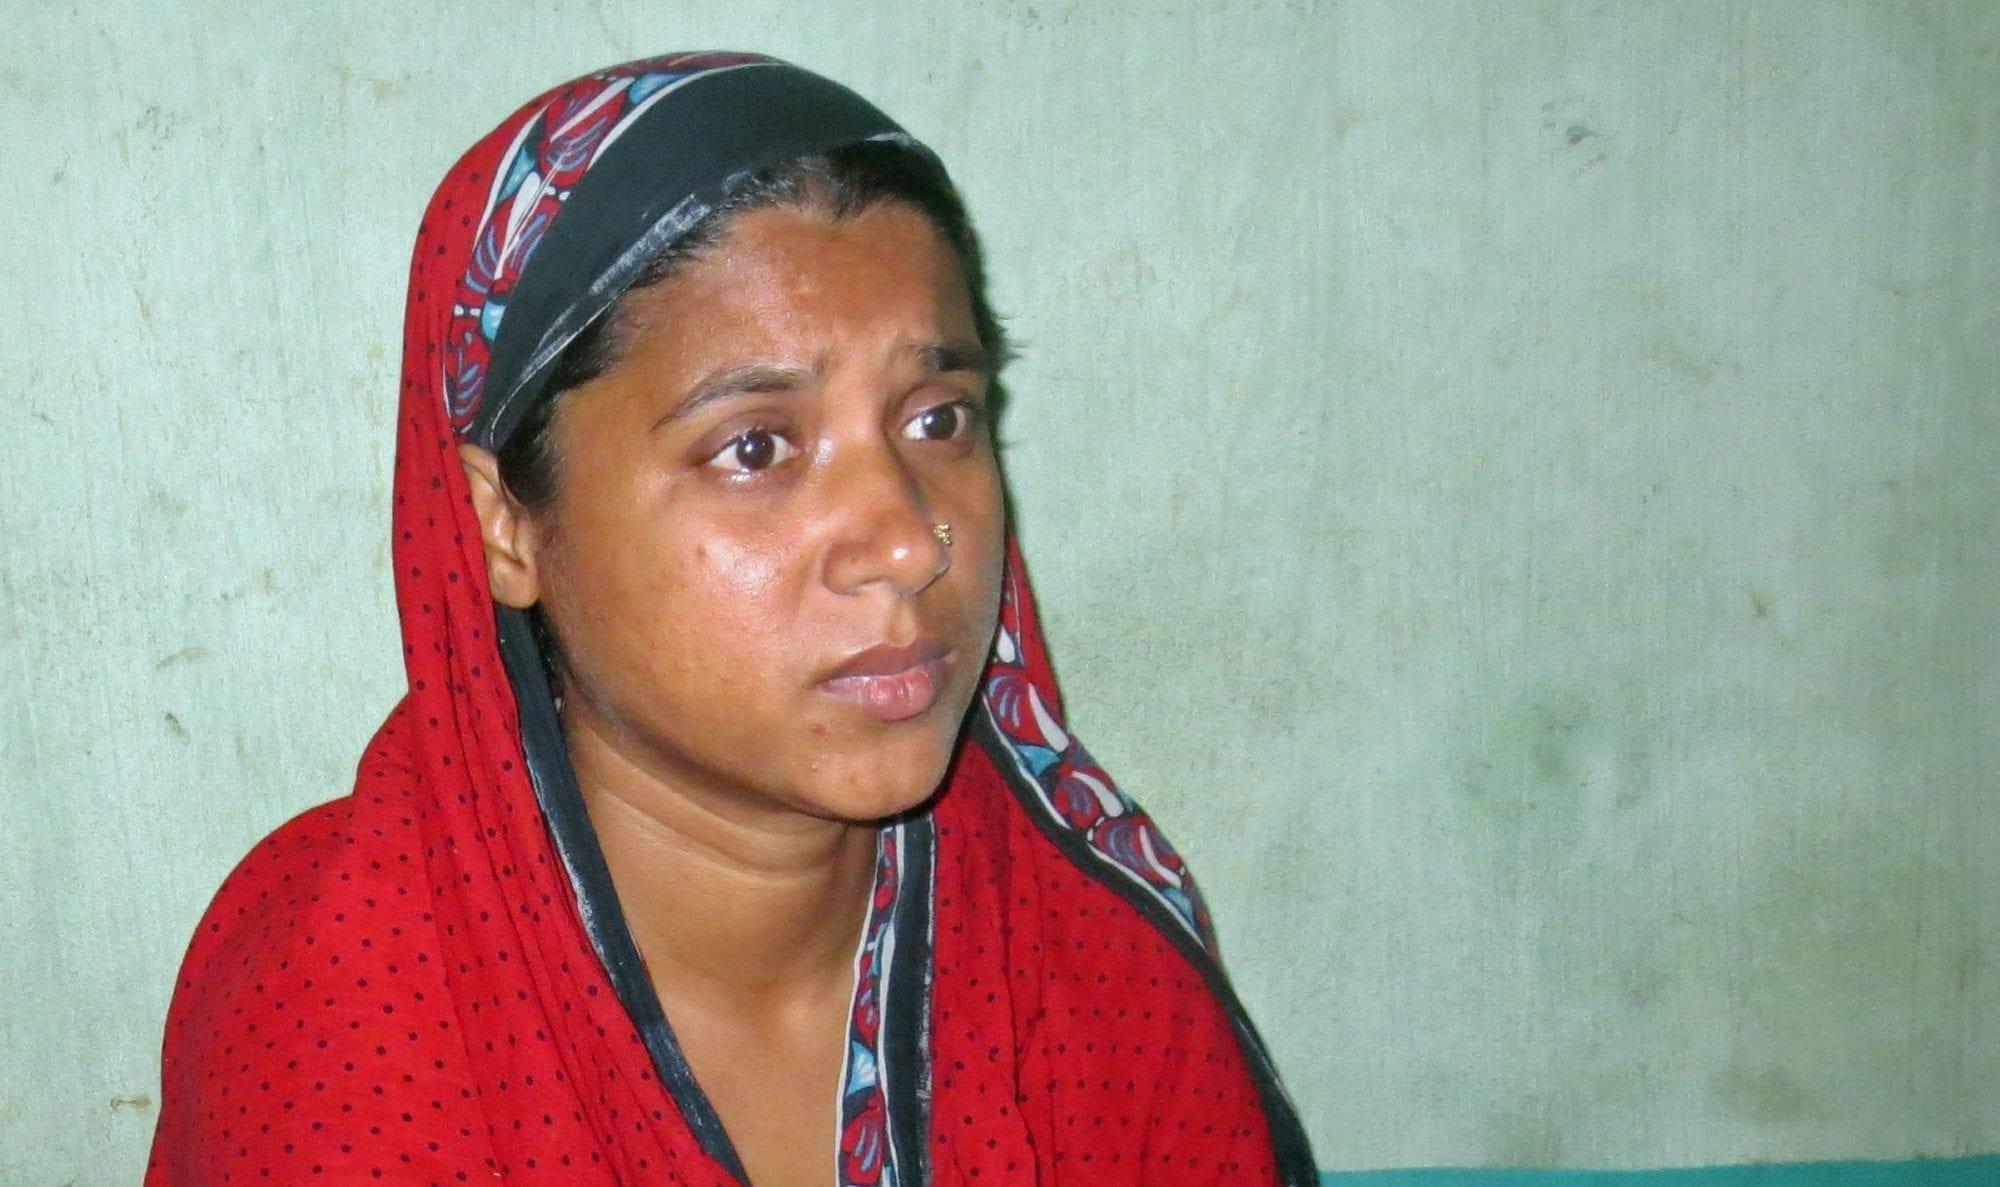 Tazreen Survivor, Tahera: I Am Too Afraid to Sleep